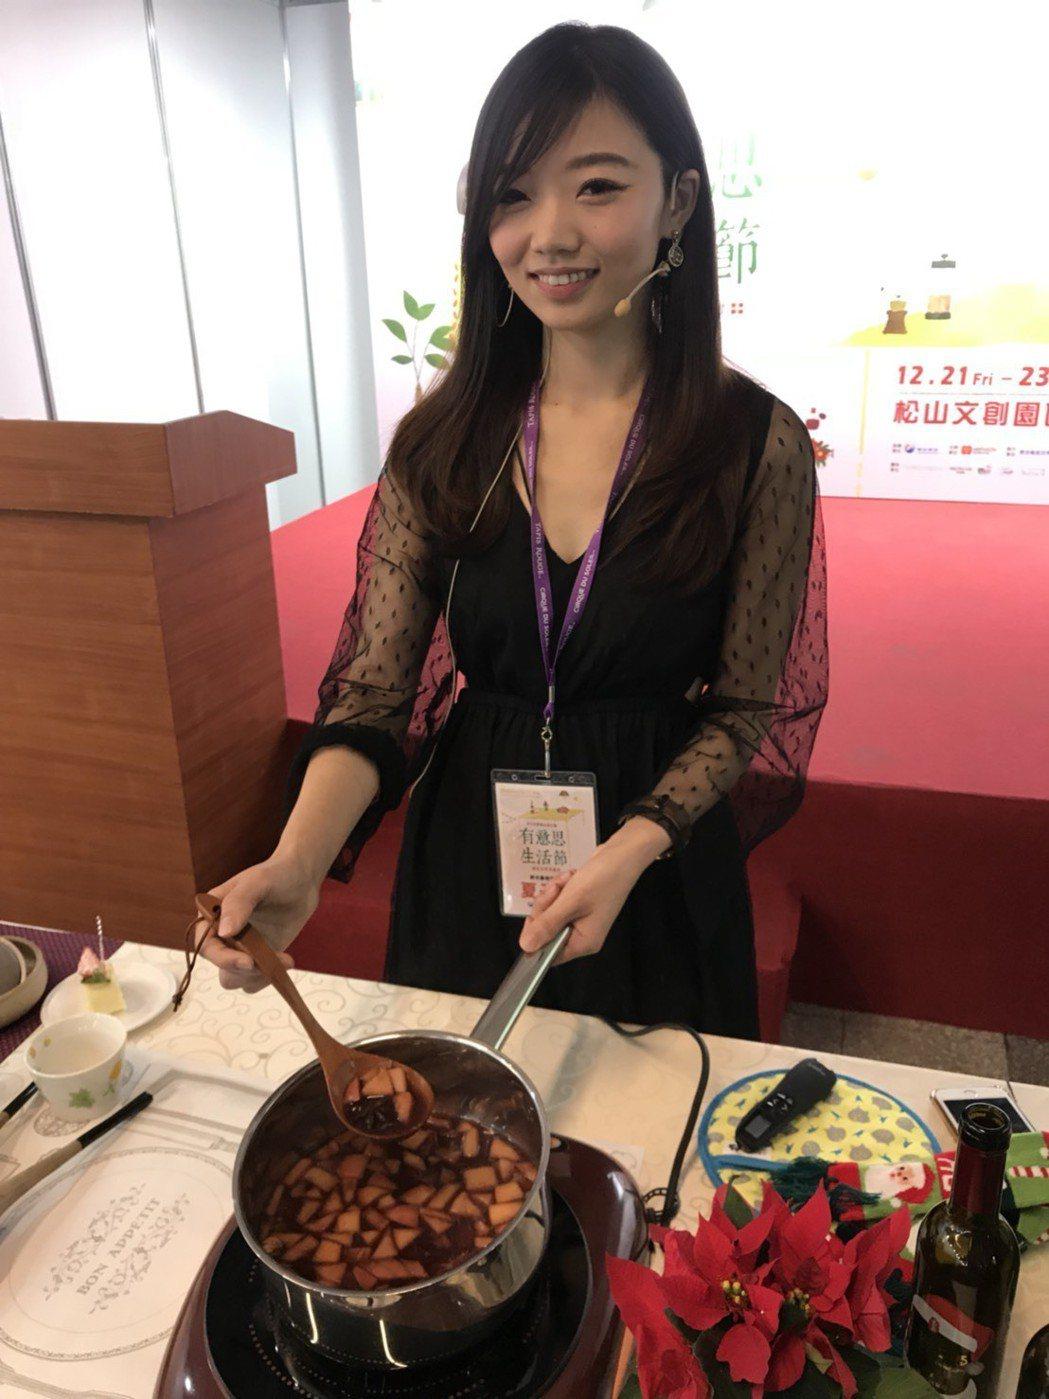 新光醫院營養師夏子雯表示,對女性來說,偶爾喝紅酒是不錯選擇,近年歐美則風行「洋蔥...